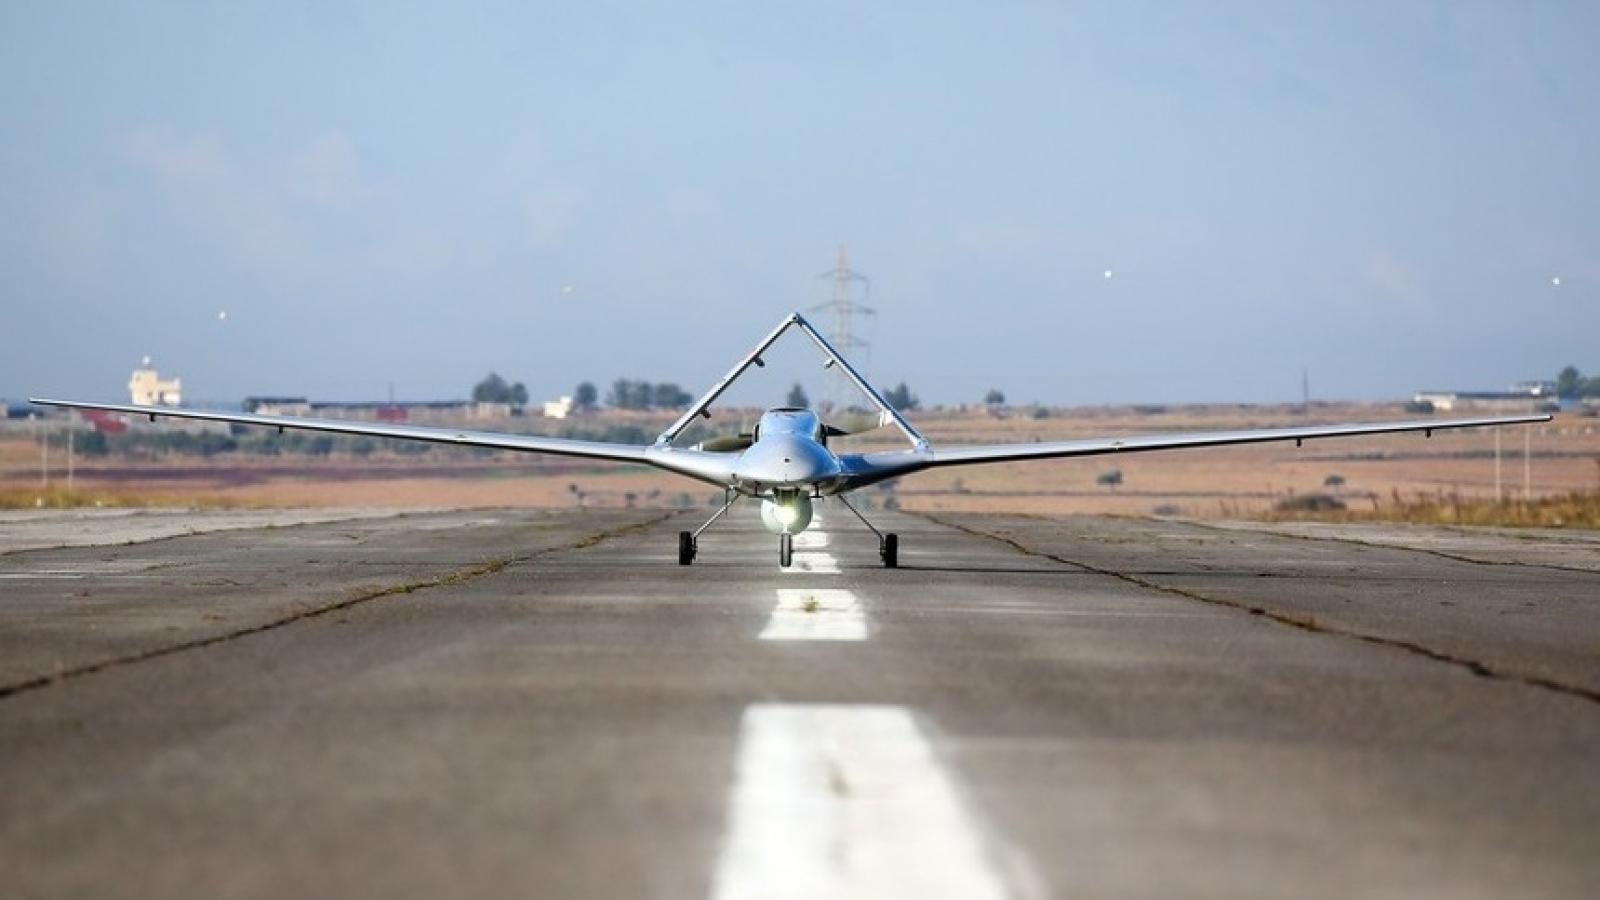 Sự lợi hại ghê gớm của UAV trong cuộc chiến lãnh thổ và địa chính trị hiện nay